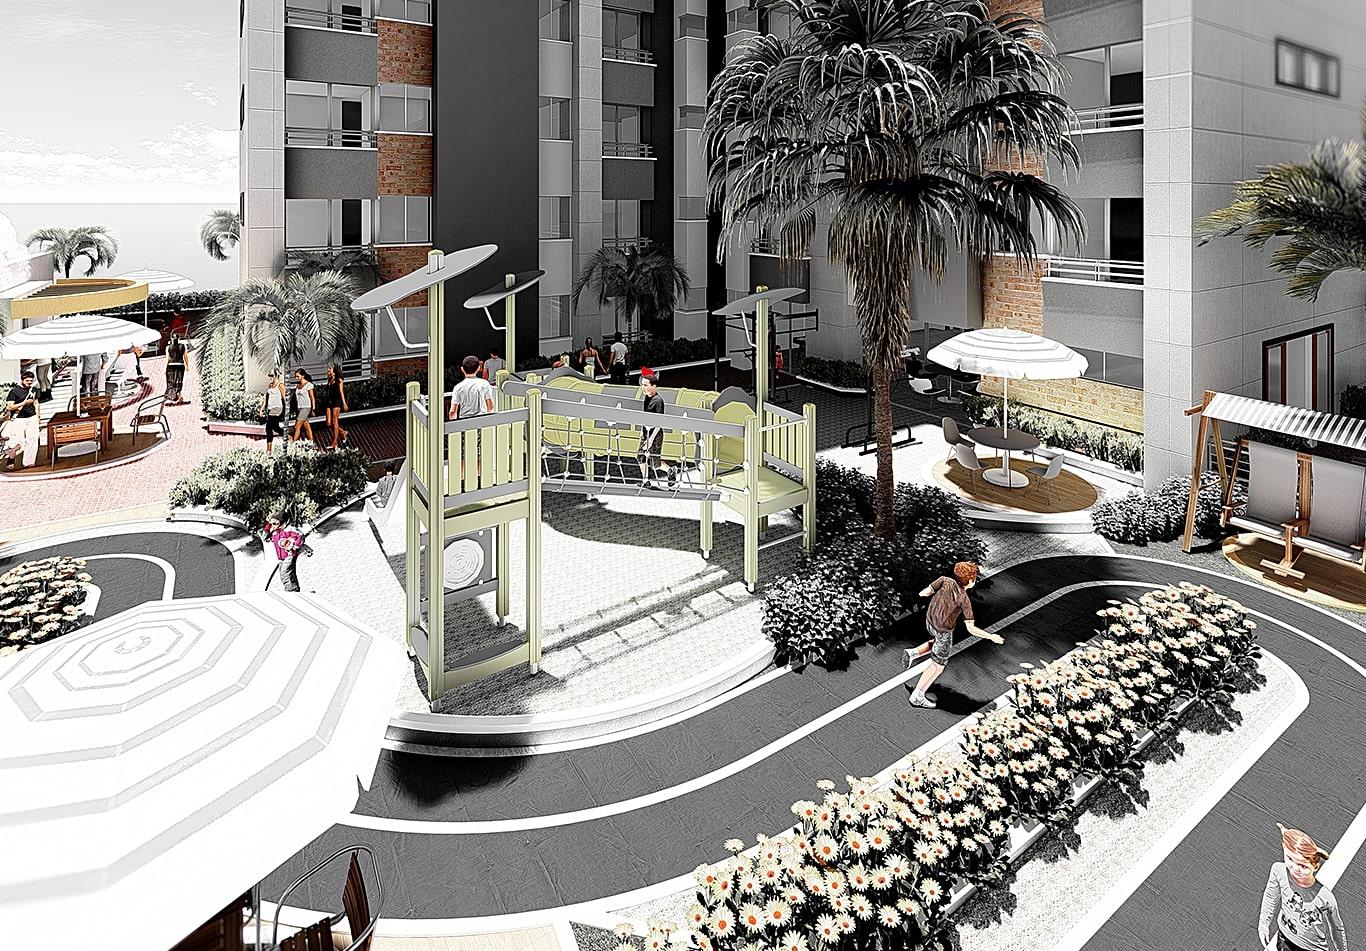 venta de apartamentos en bucaramang, constructora mardel